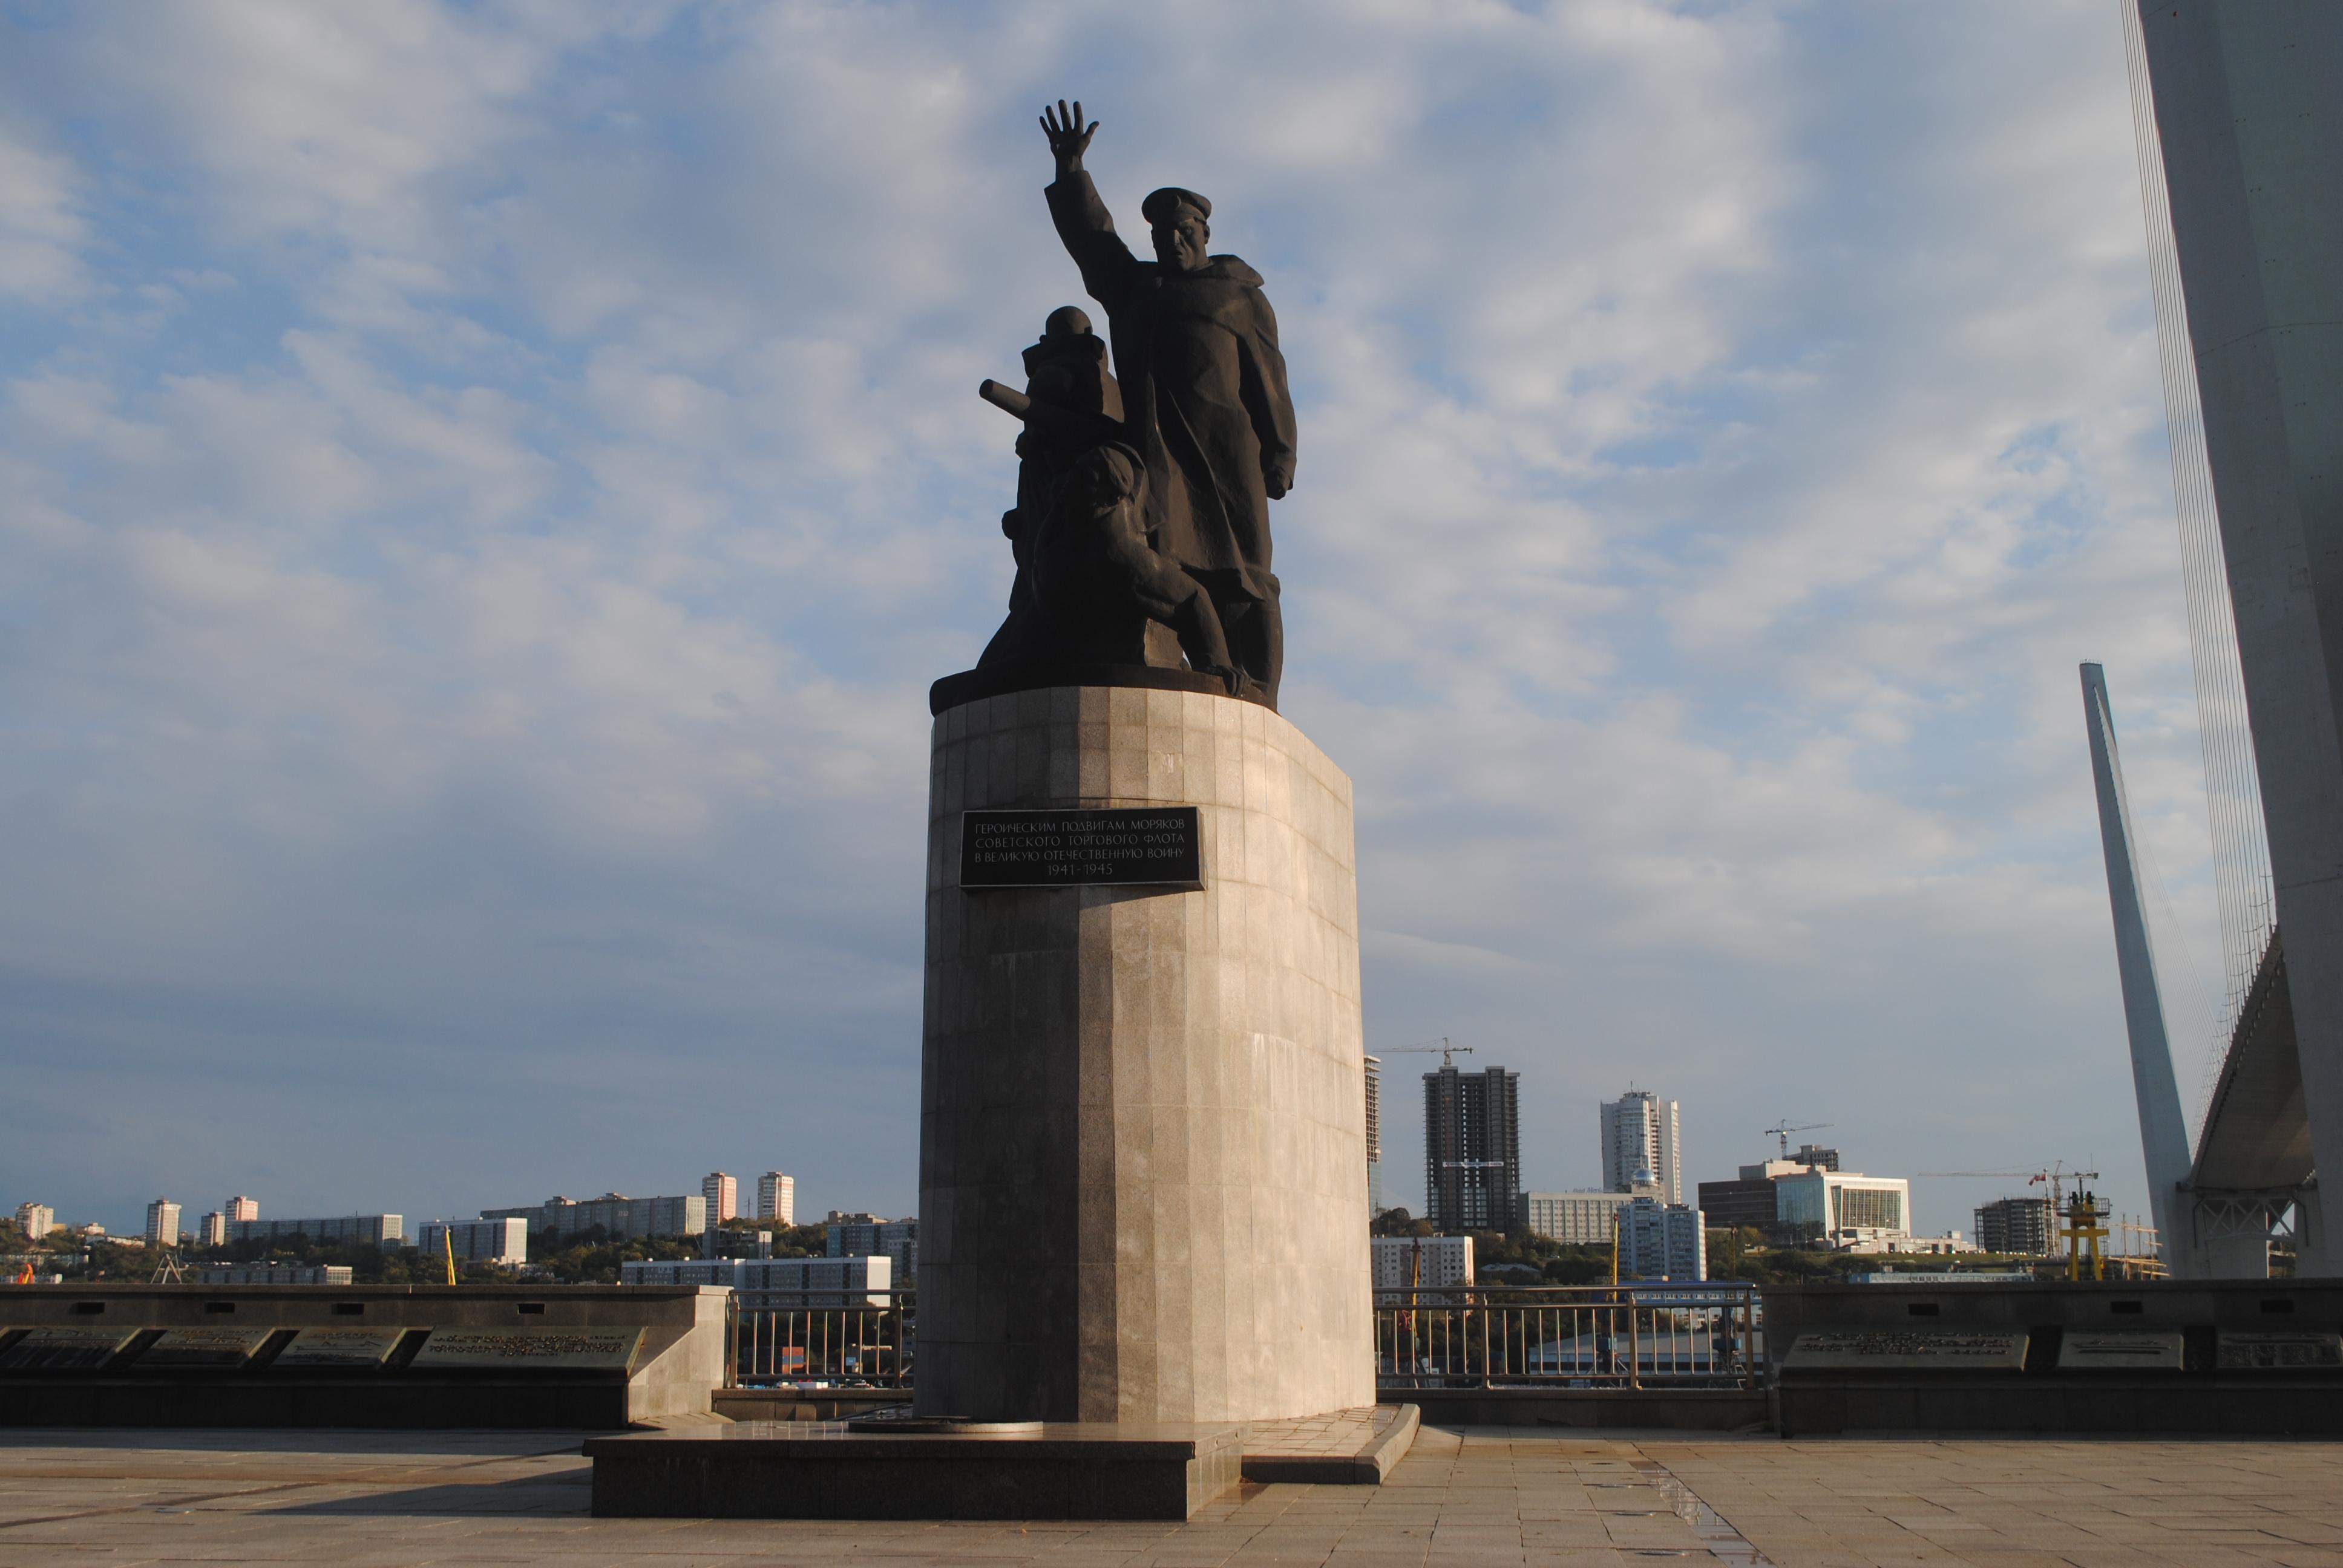 памятник морякам торгового флота фото мной сэкономите больше